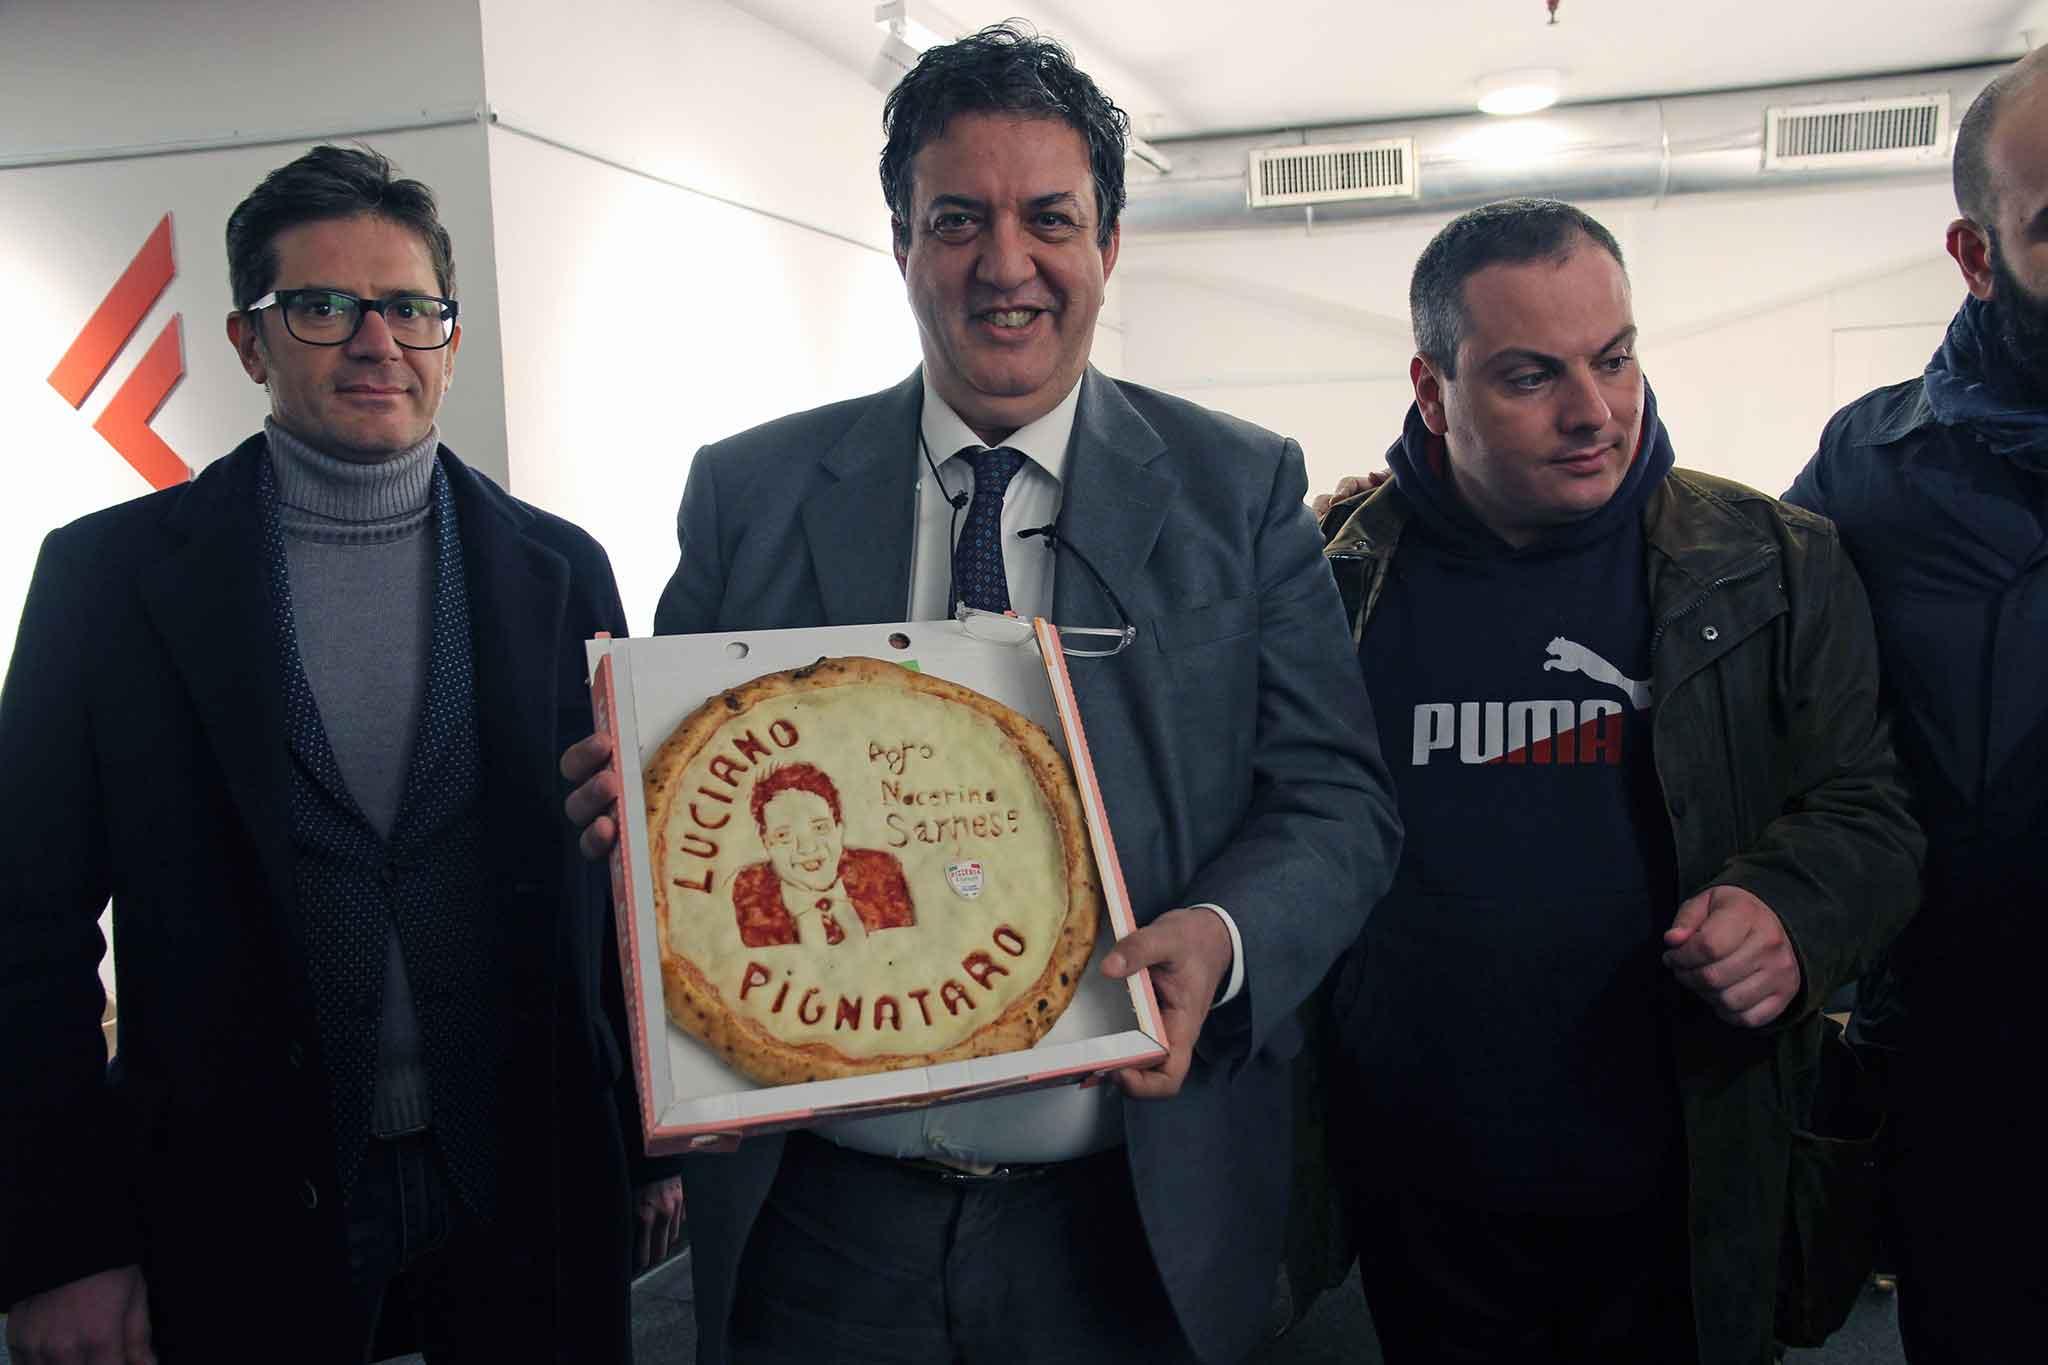 pizza-luciano-pignataro